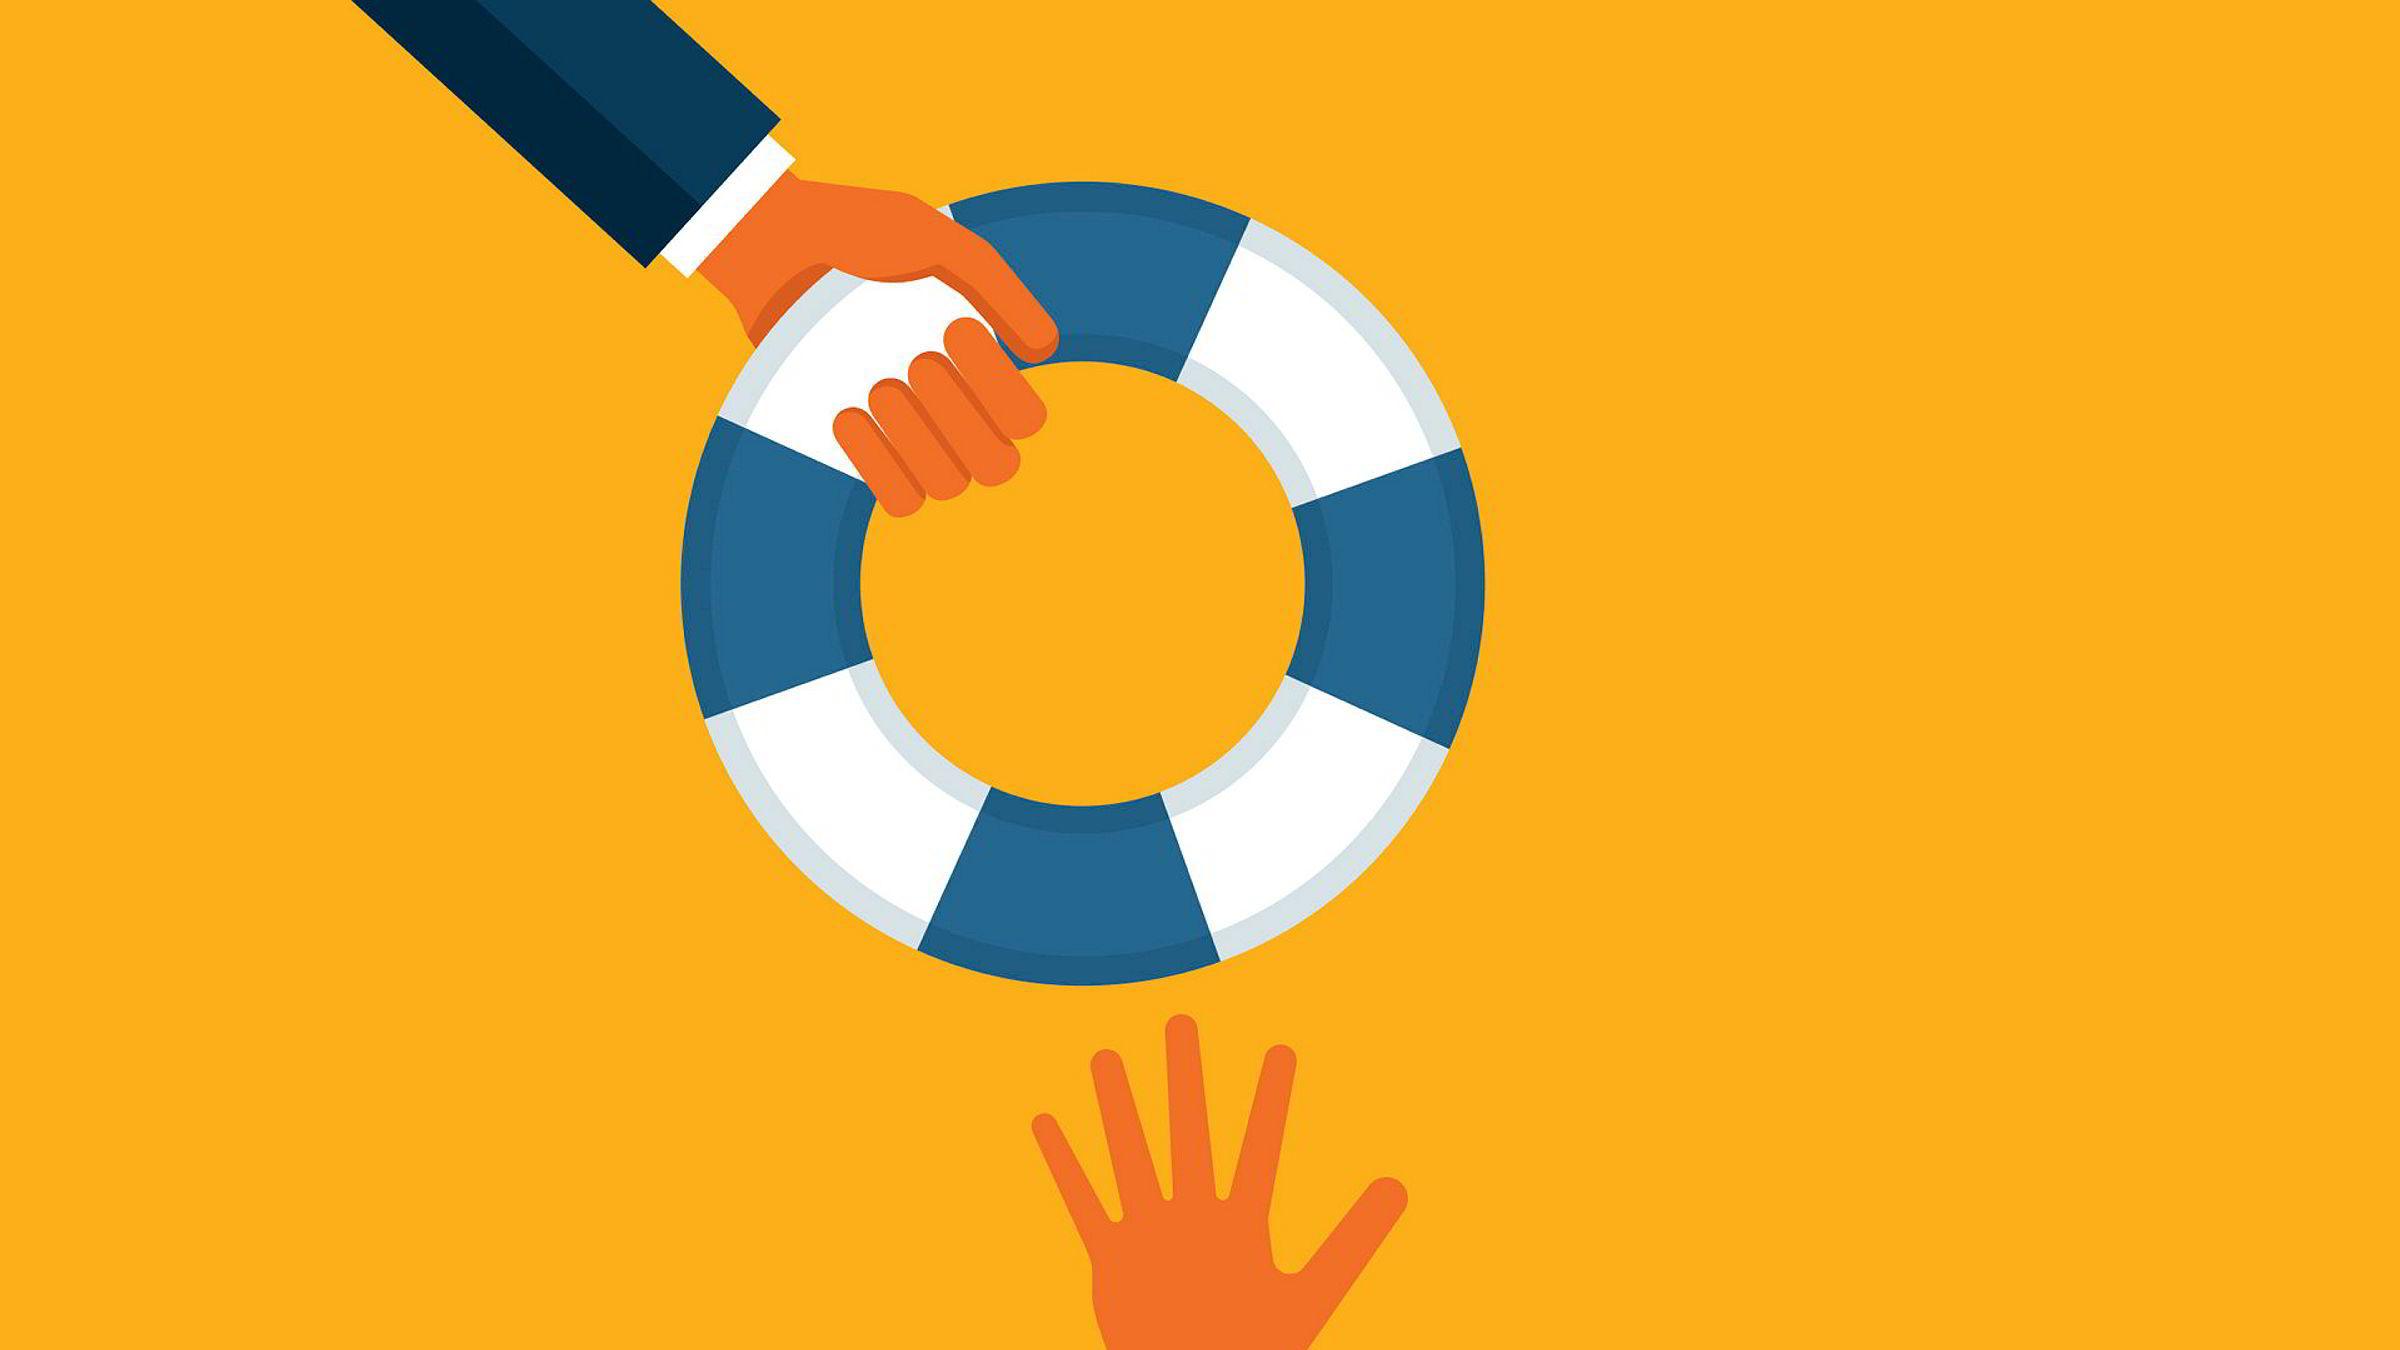 Det er ikke dagligdags at staten stiller med en garantiordning der banker kan gi lån, mens staten tar 90 prosent av risikoen, skriver Lars Ekeland, Stian Tande Mortensen og Lars-Erik Østerbø i innlegget.